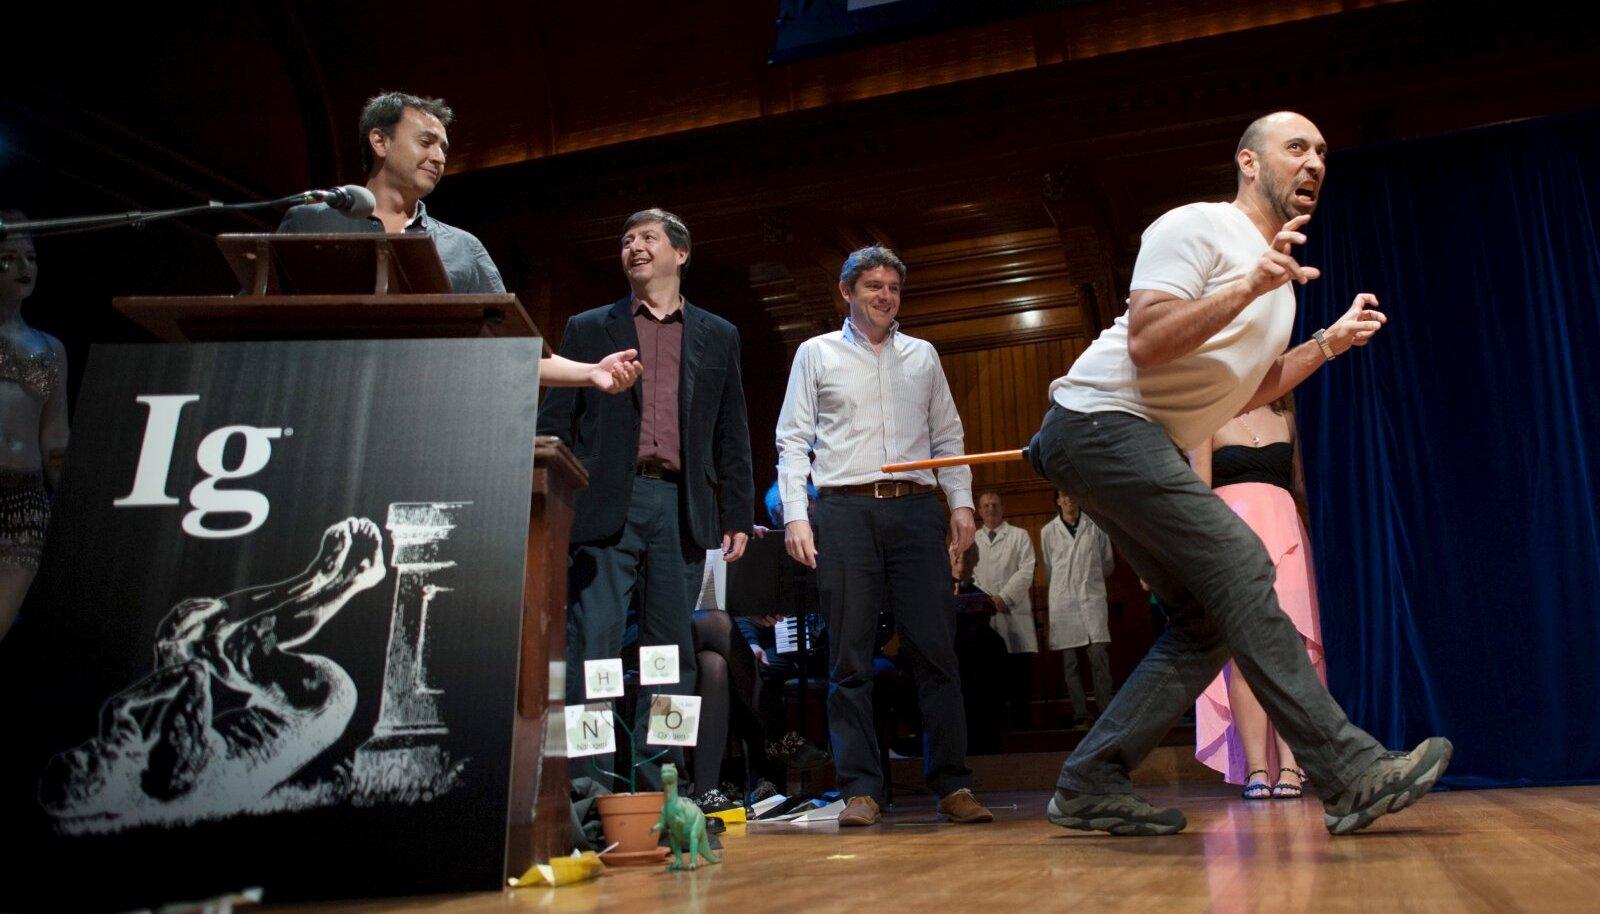 Bruno Grossi esitleb, kuidas kõnnib kana, kui tal kepp saba külge panna.